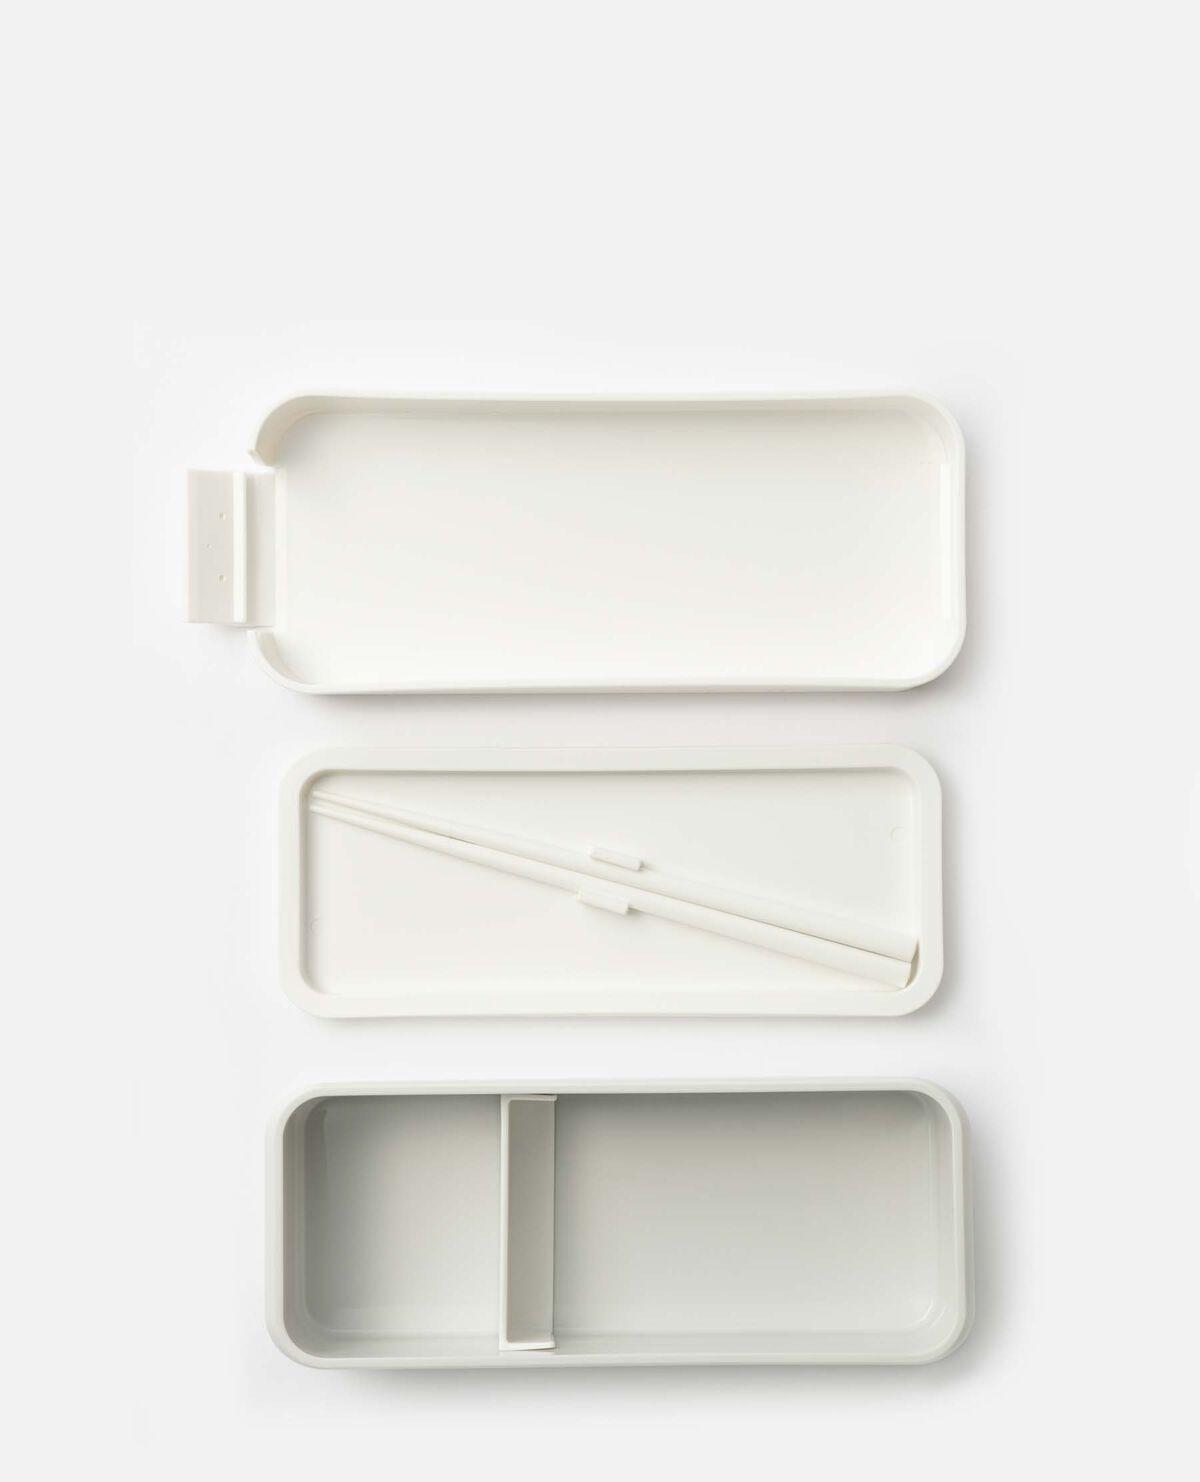 タイトフィットランチボックス(弁当箱)